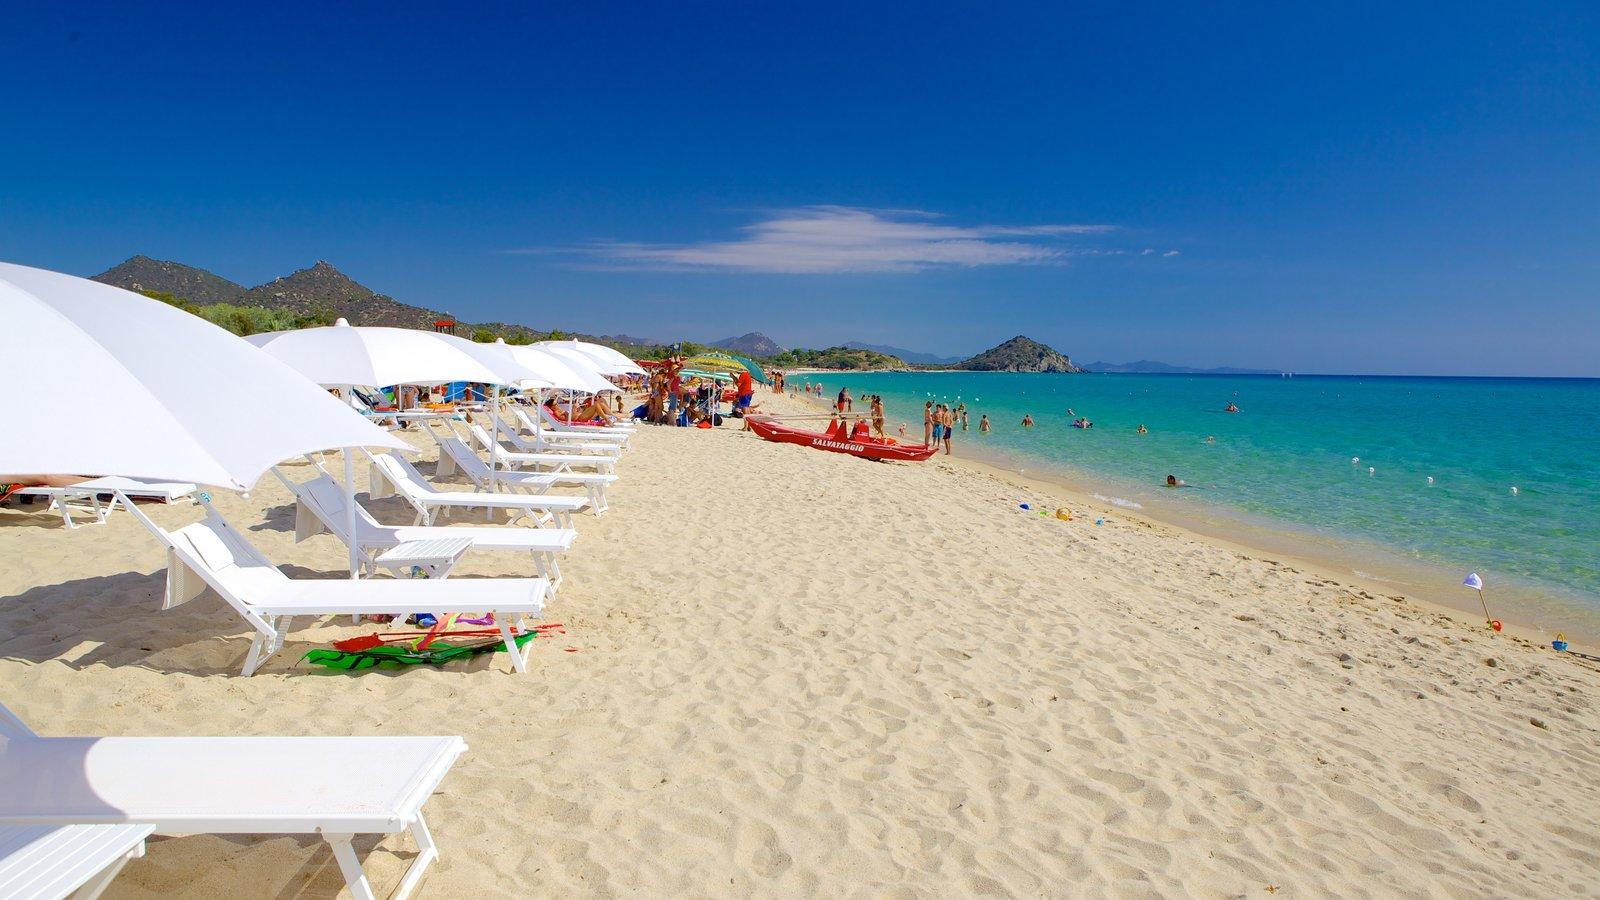 Cala Sinzias mostrando una playa de arena y vistas generales de la costa